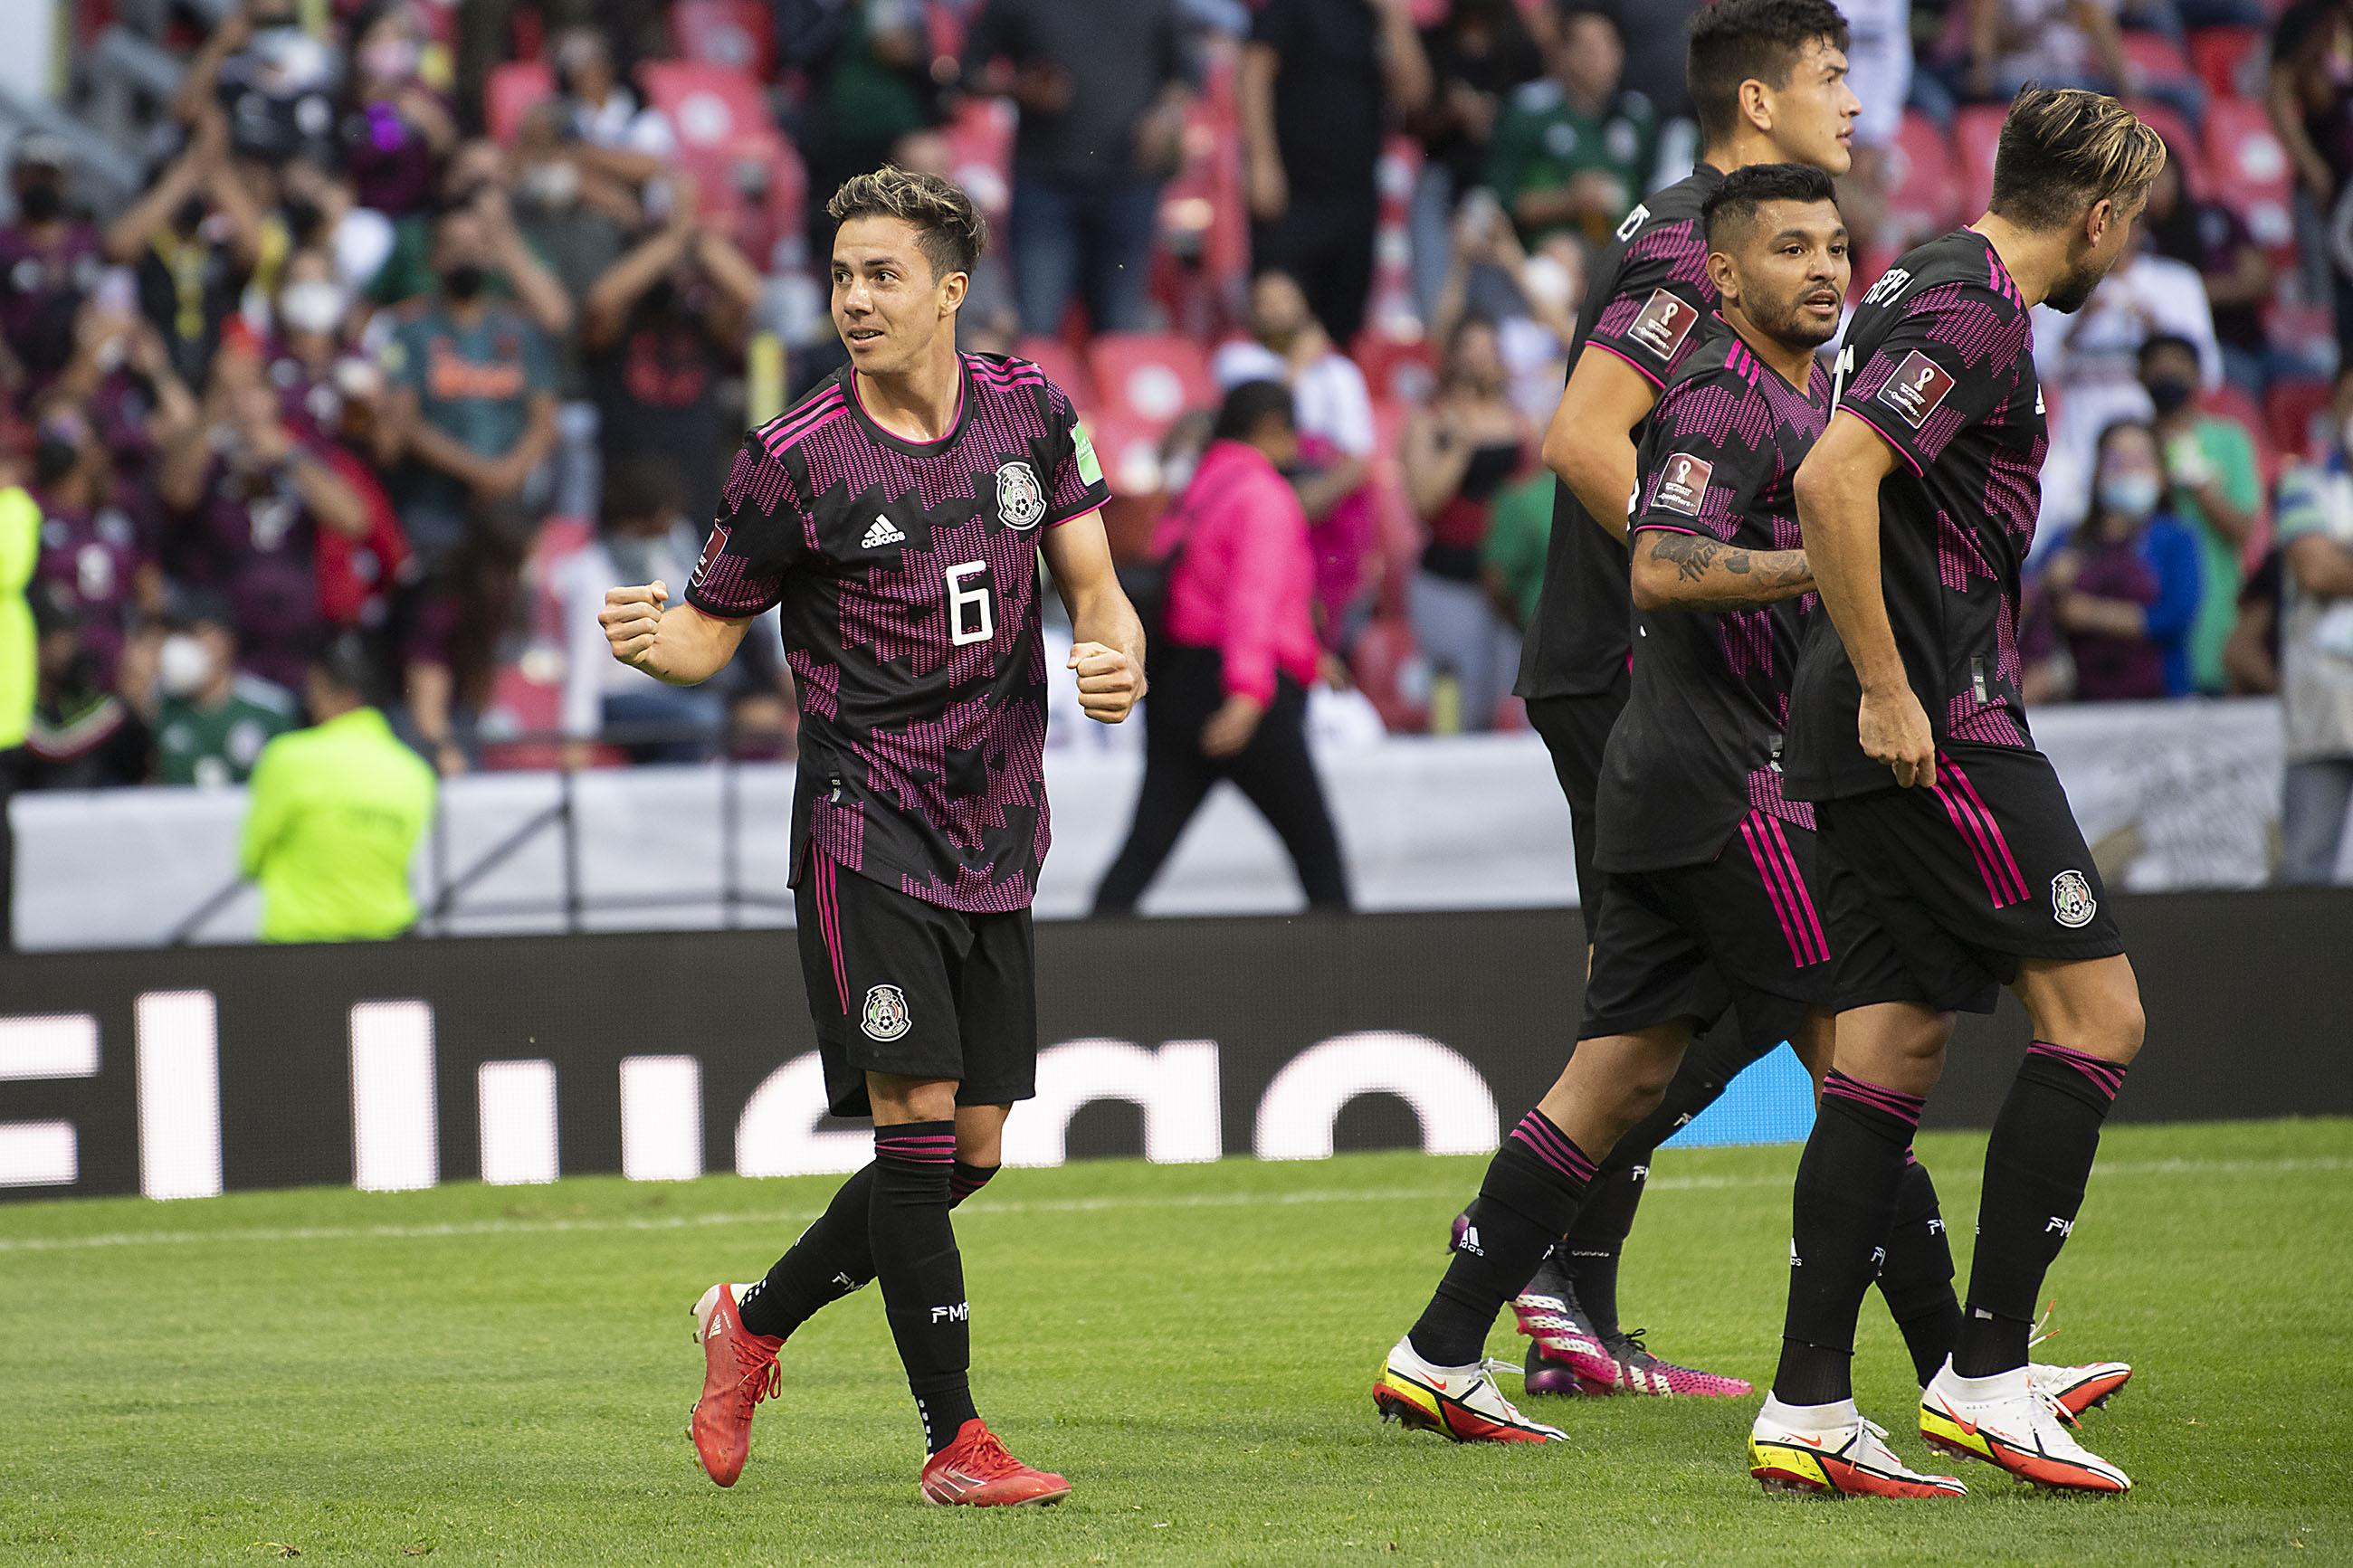 México vs Honduras 3-0 Final octagonal CONCACAF 2022